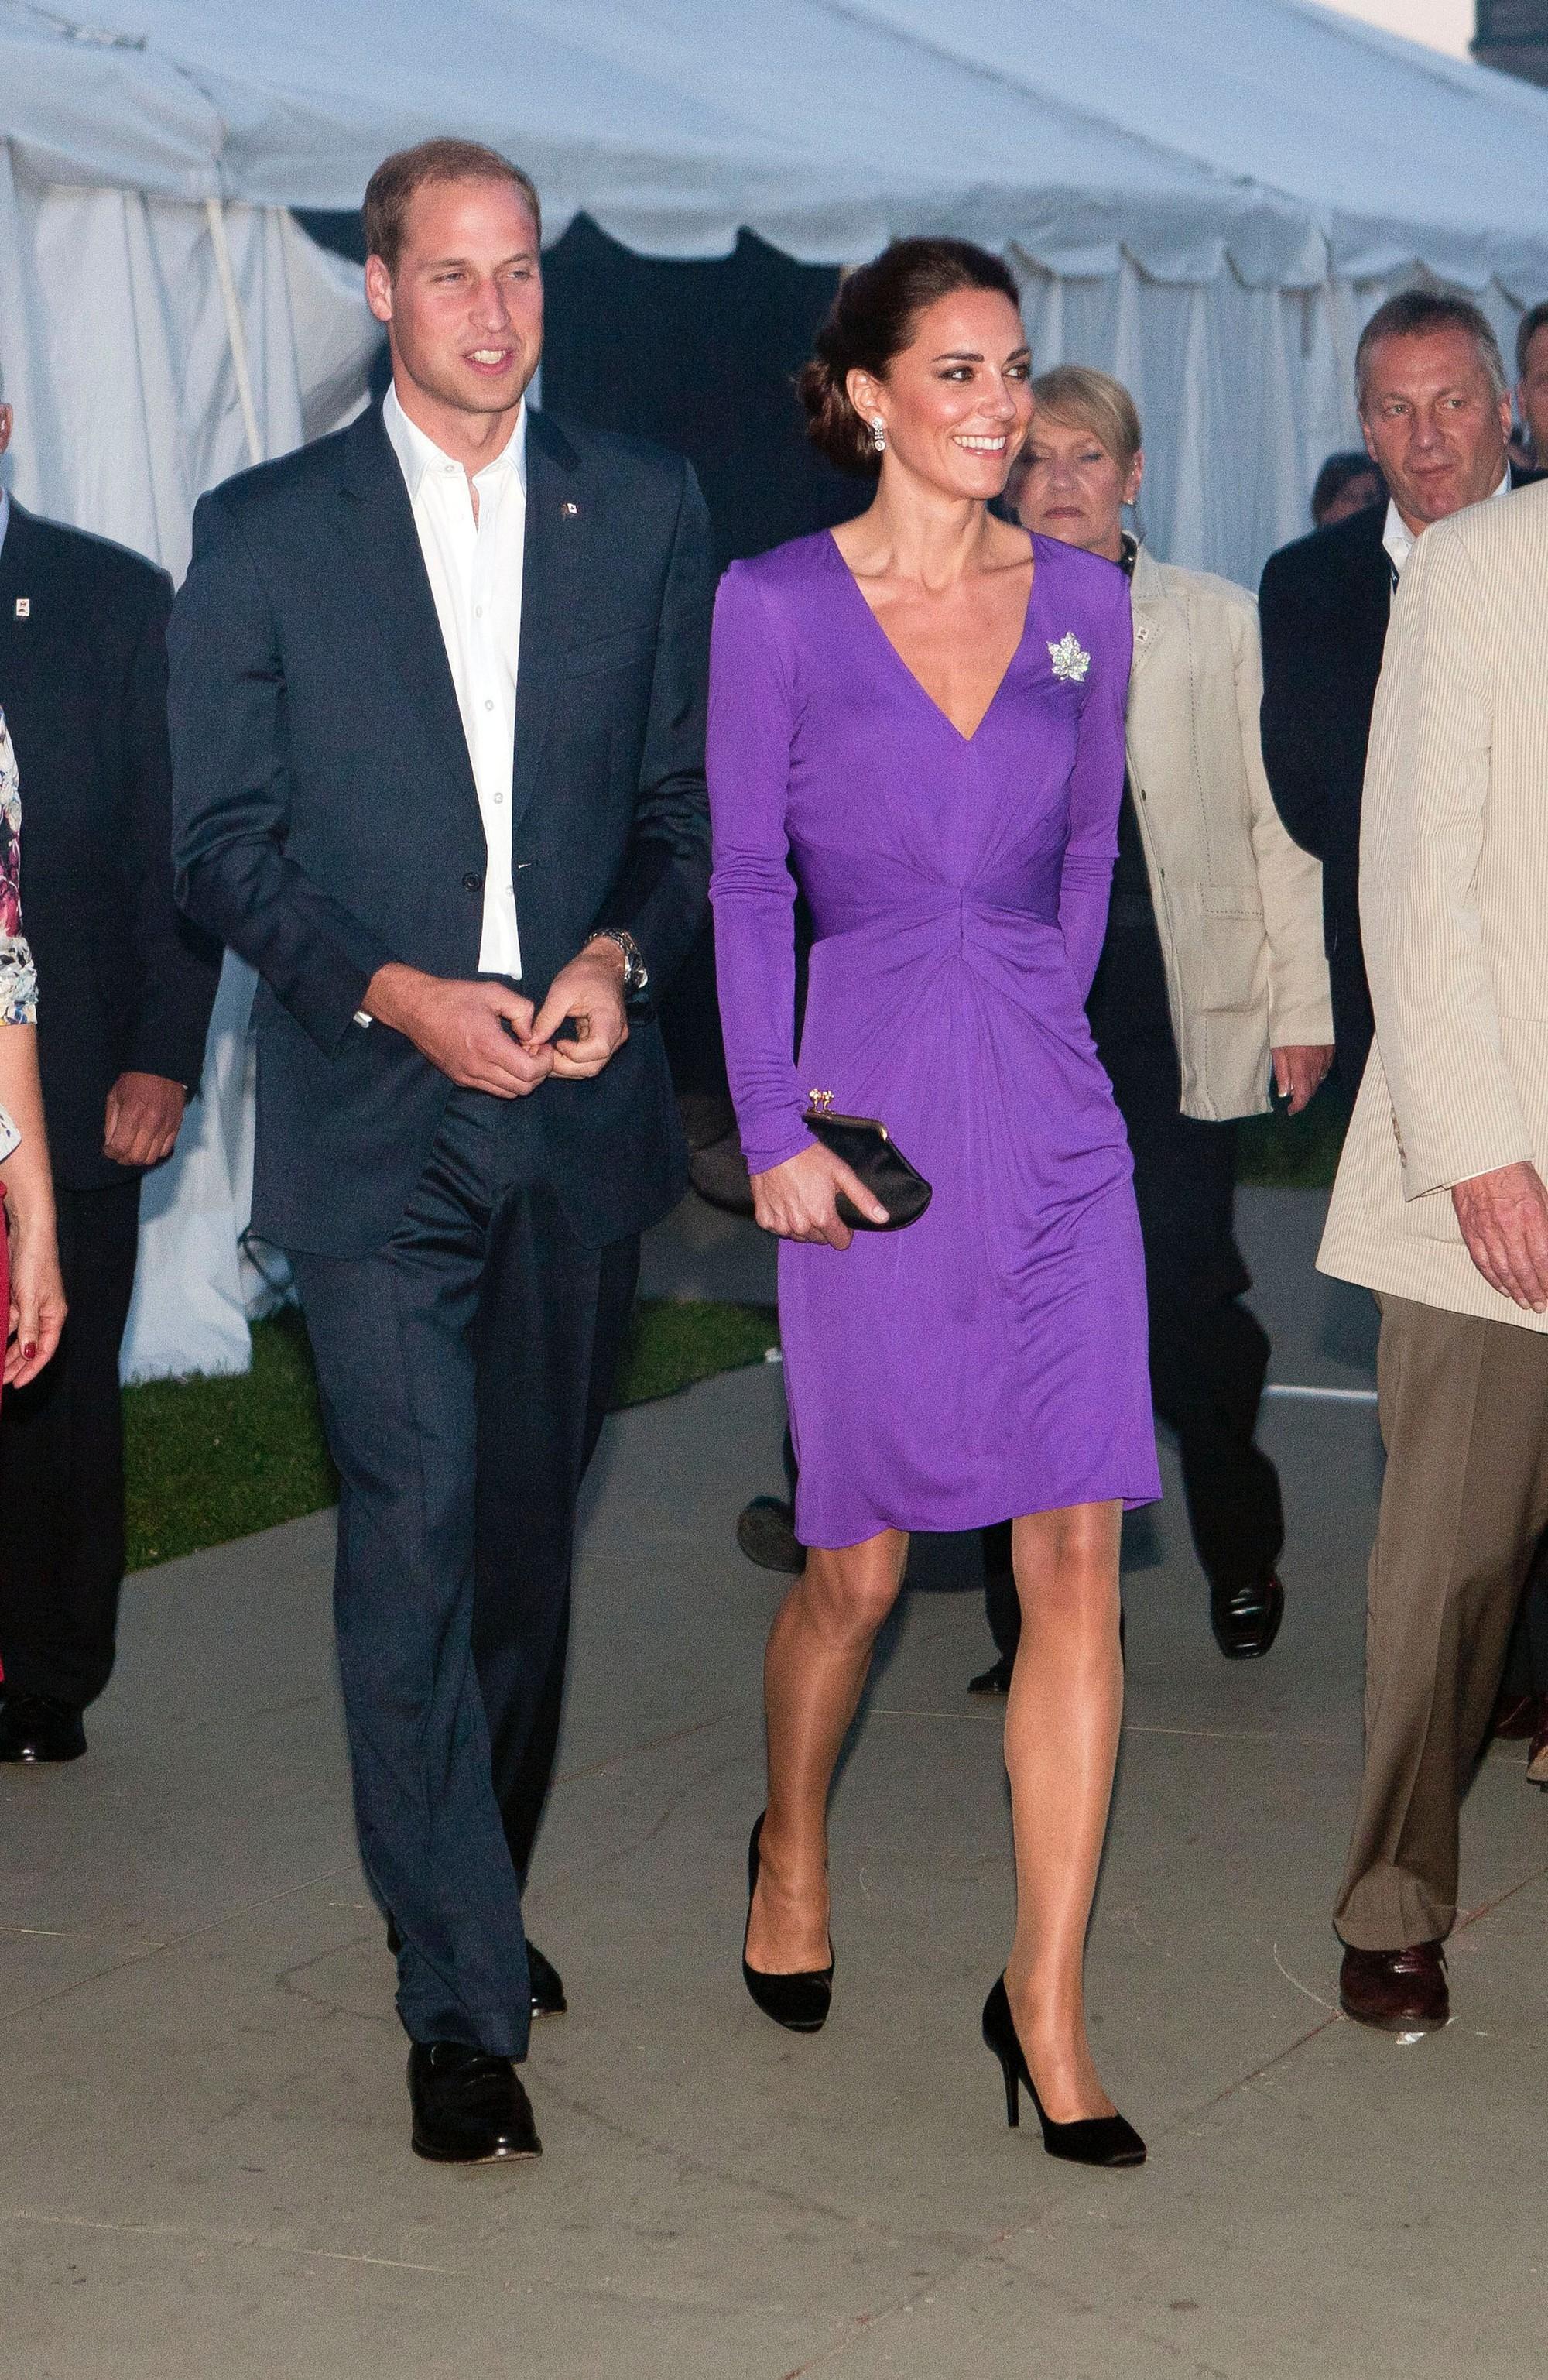 Người ta diện đồ màu chóe thì sến sẩm nhưng Công nương Kate mặc lên lại sang trọng và cuốn hút đến lạ-1